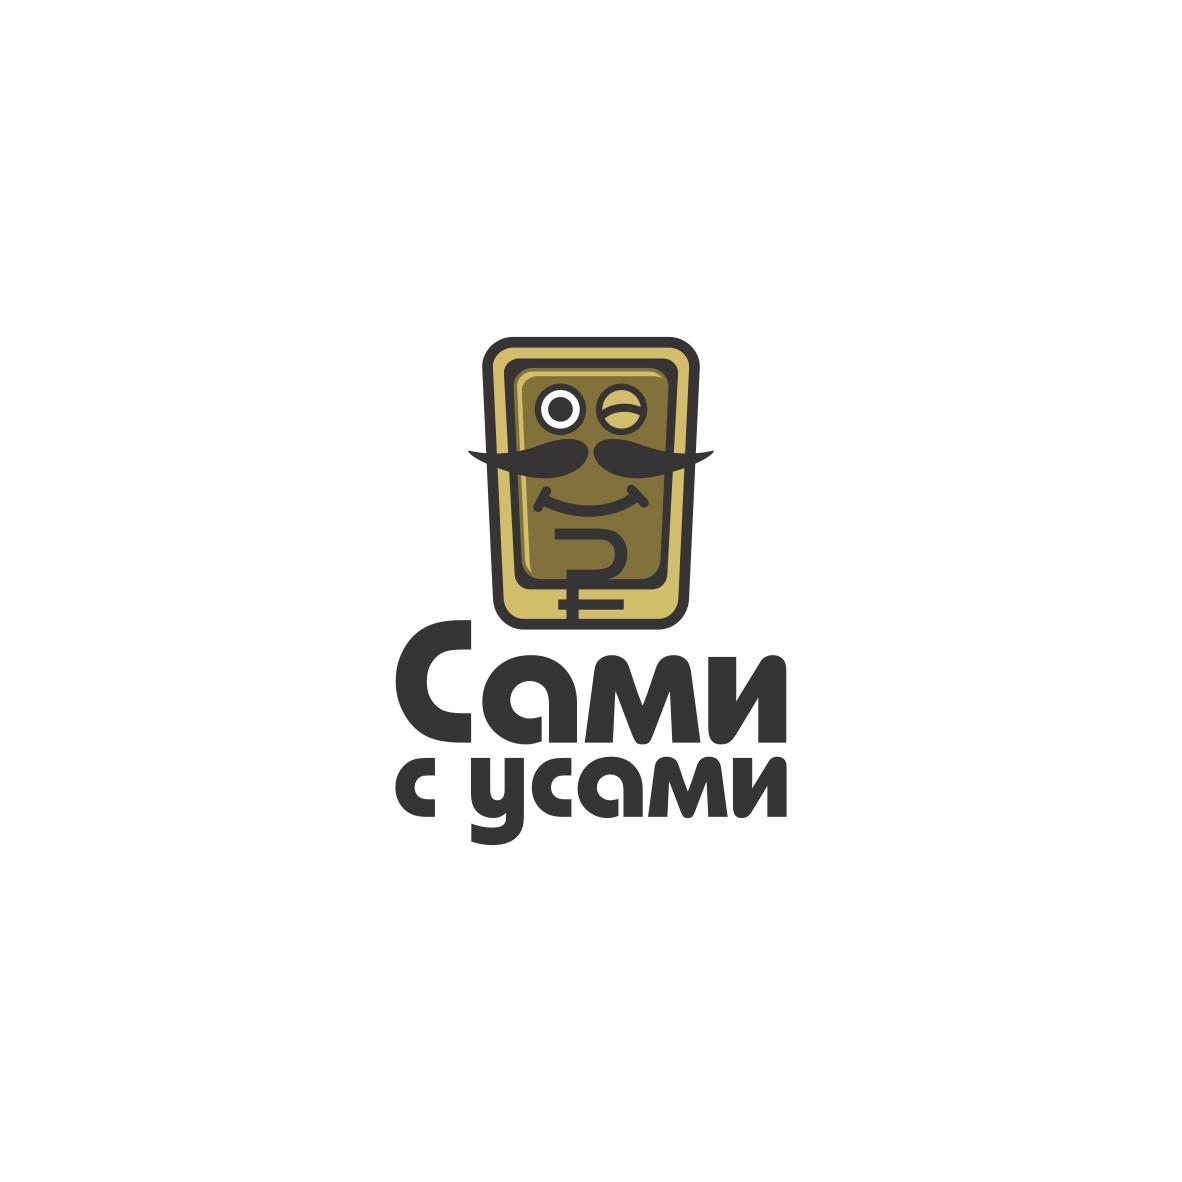 Разработка Логотипа 6 000 руб. фото f_54658f7591cd9c13.jpg